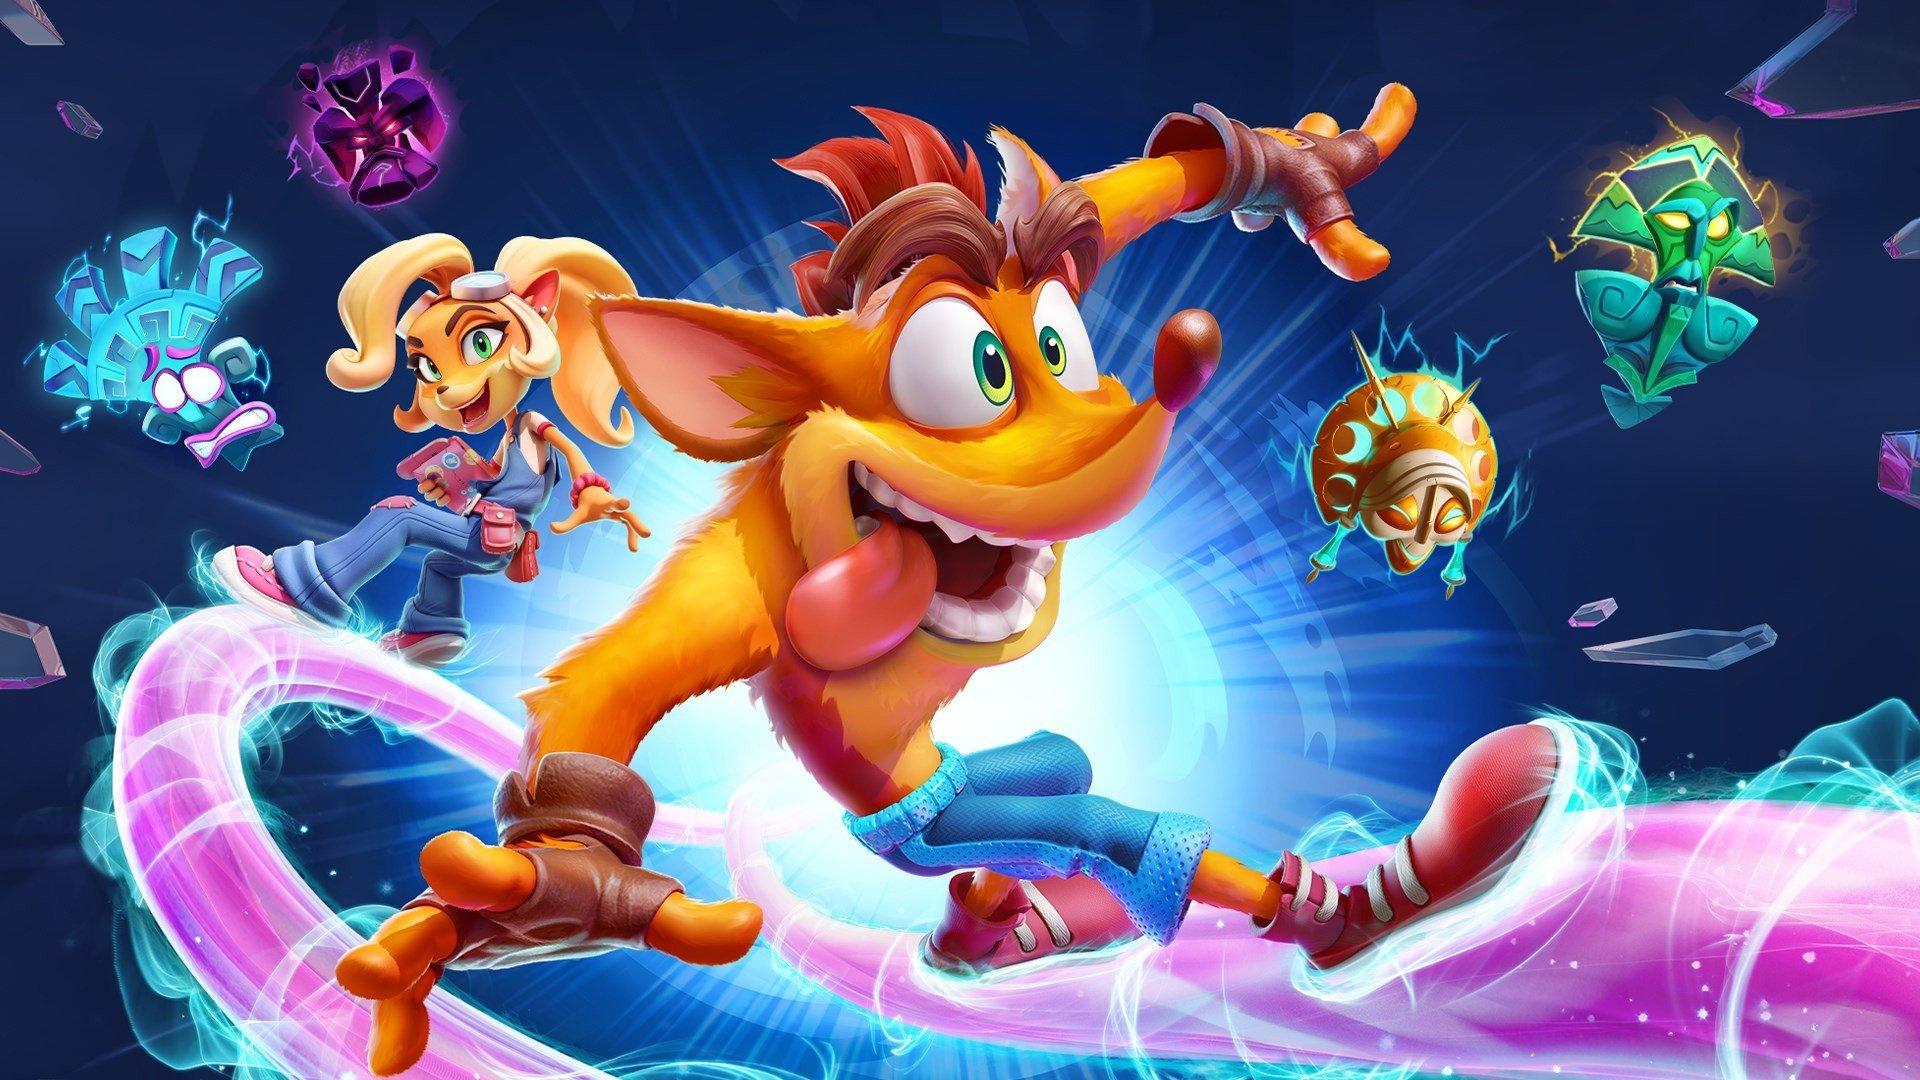 В Crash Bandicoot 4 нельзя поиграть без интернета